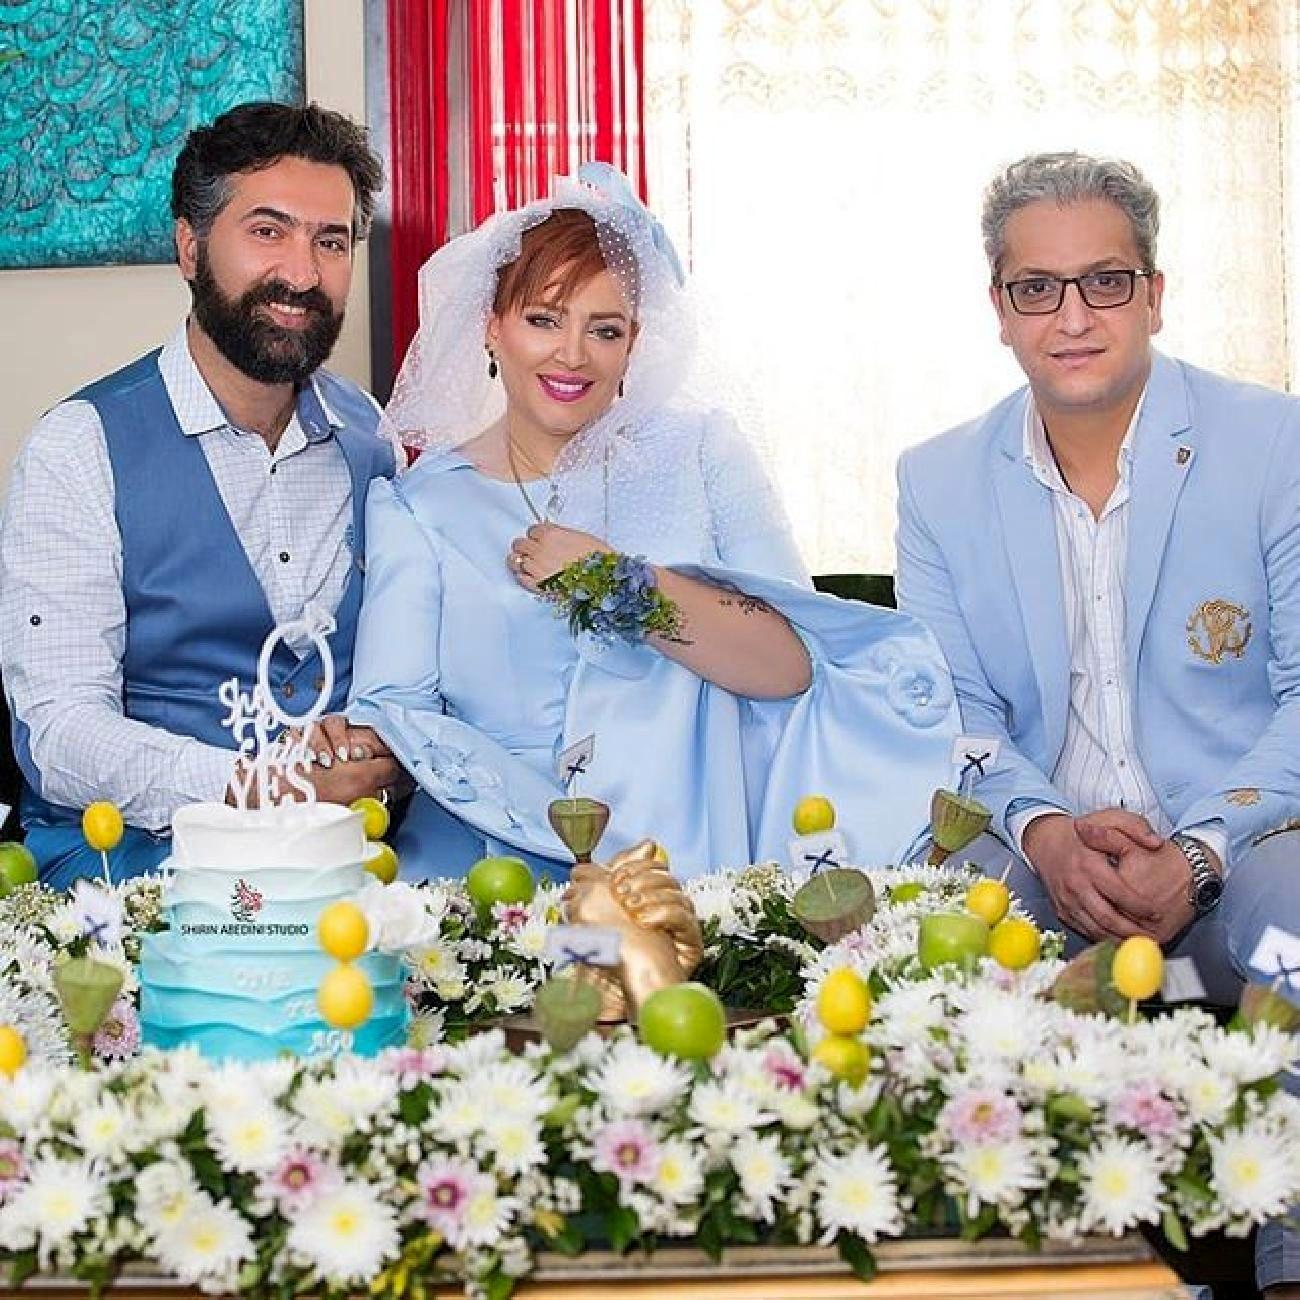 بهاره رهنما | فیلم عروسی تدوین شده اش لو رفت + ویدئو و عکس